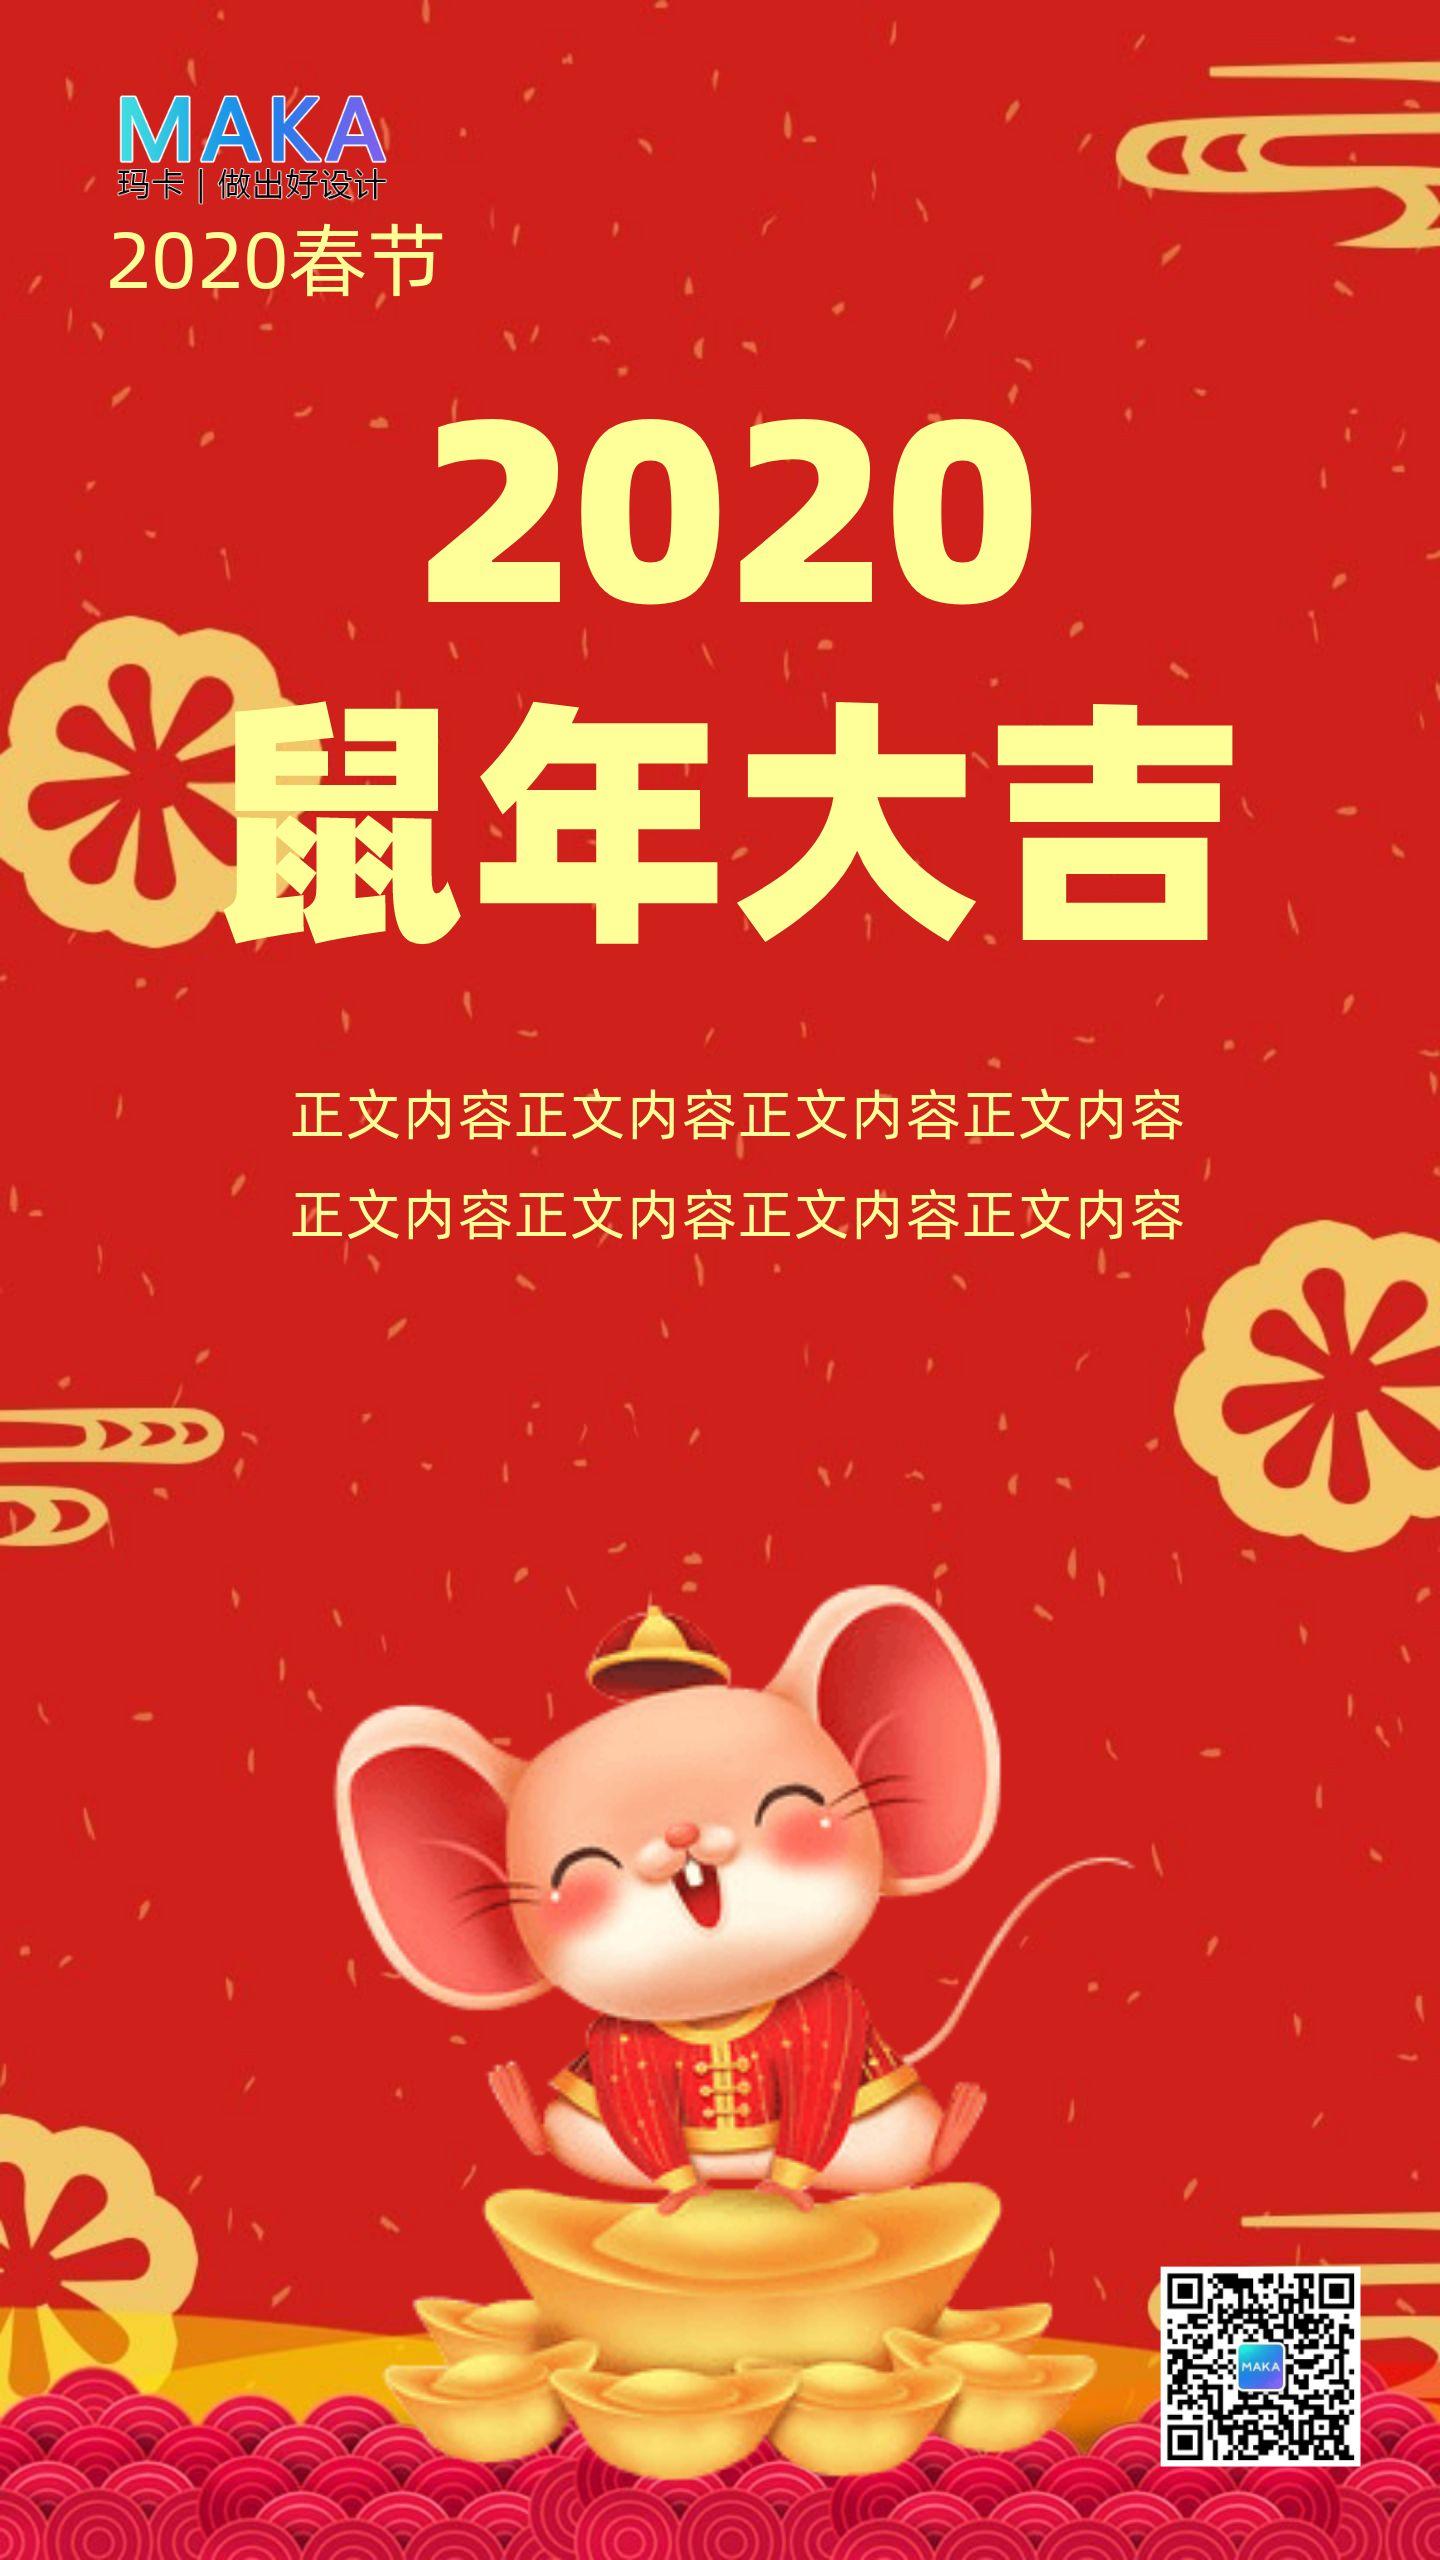 红色卡通风2020春节创意海报